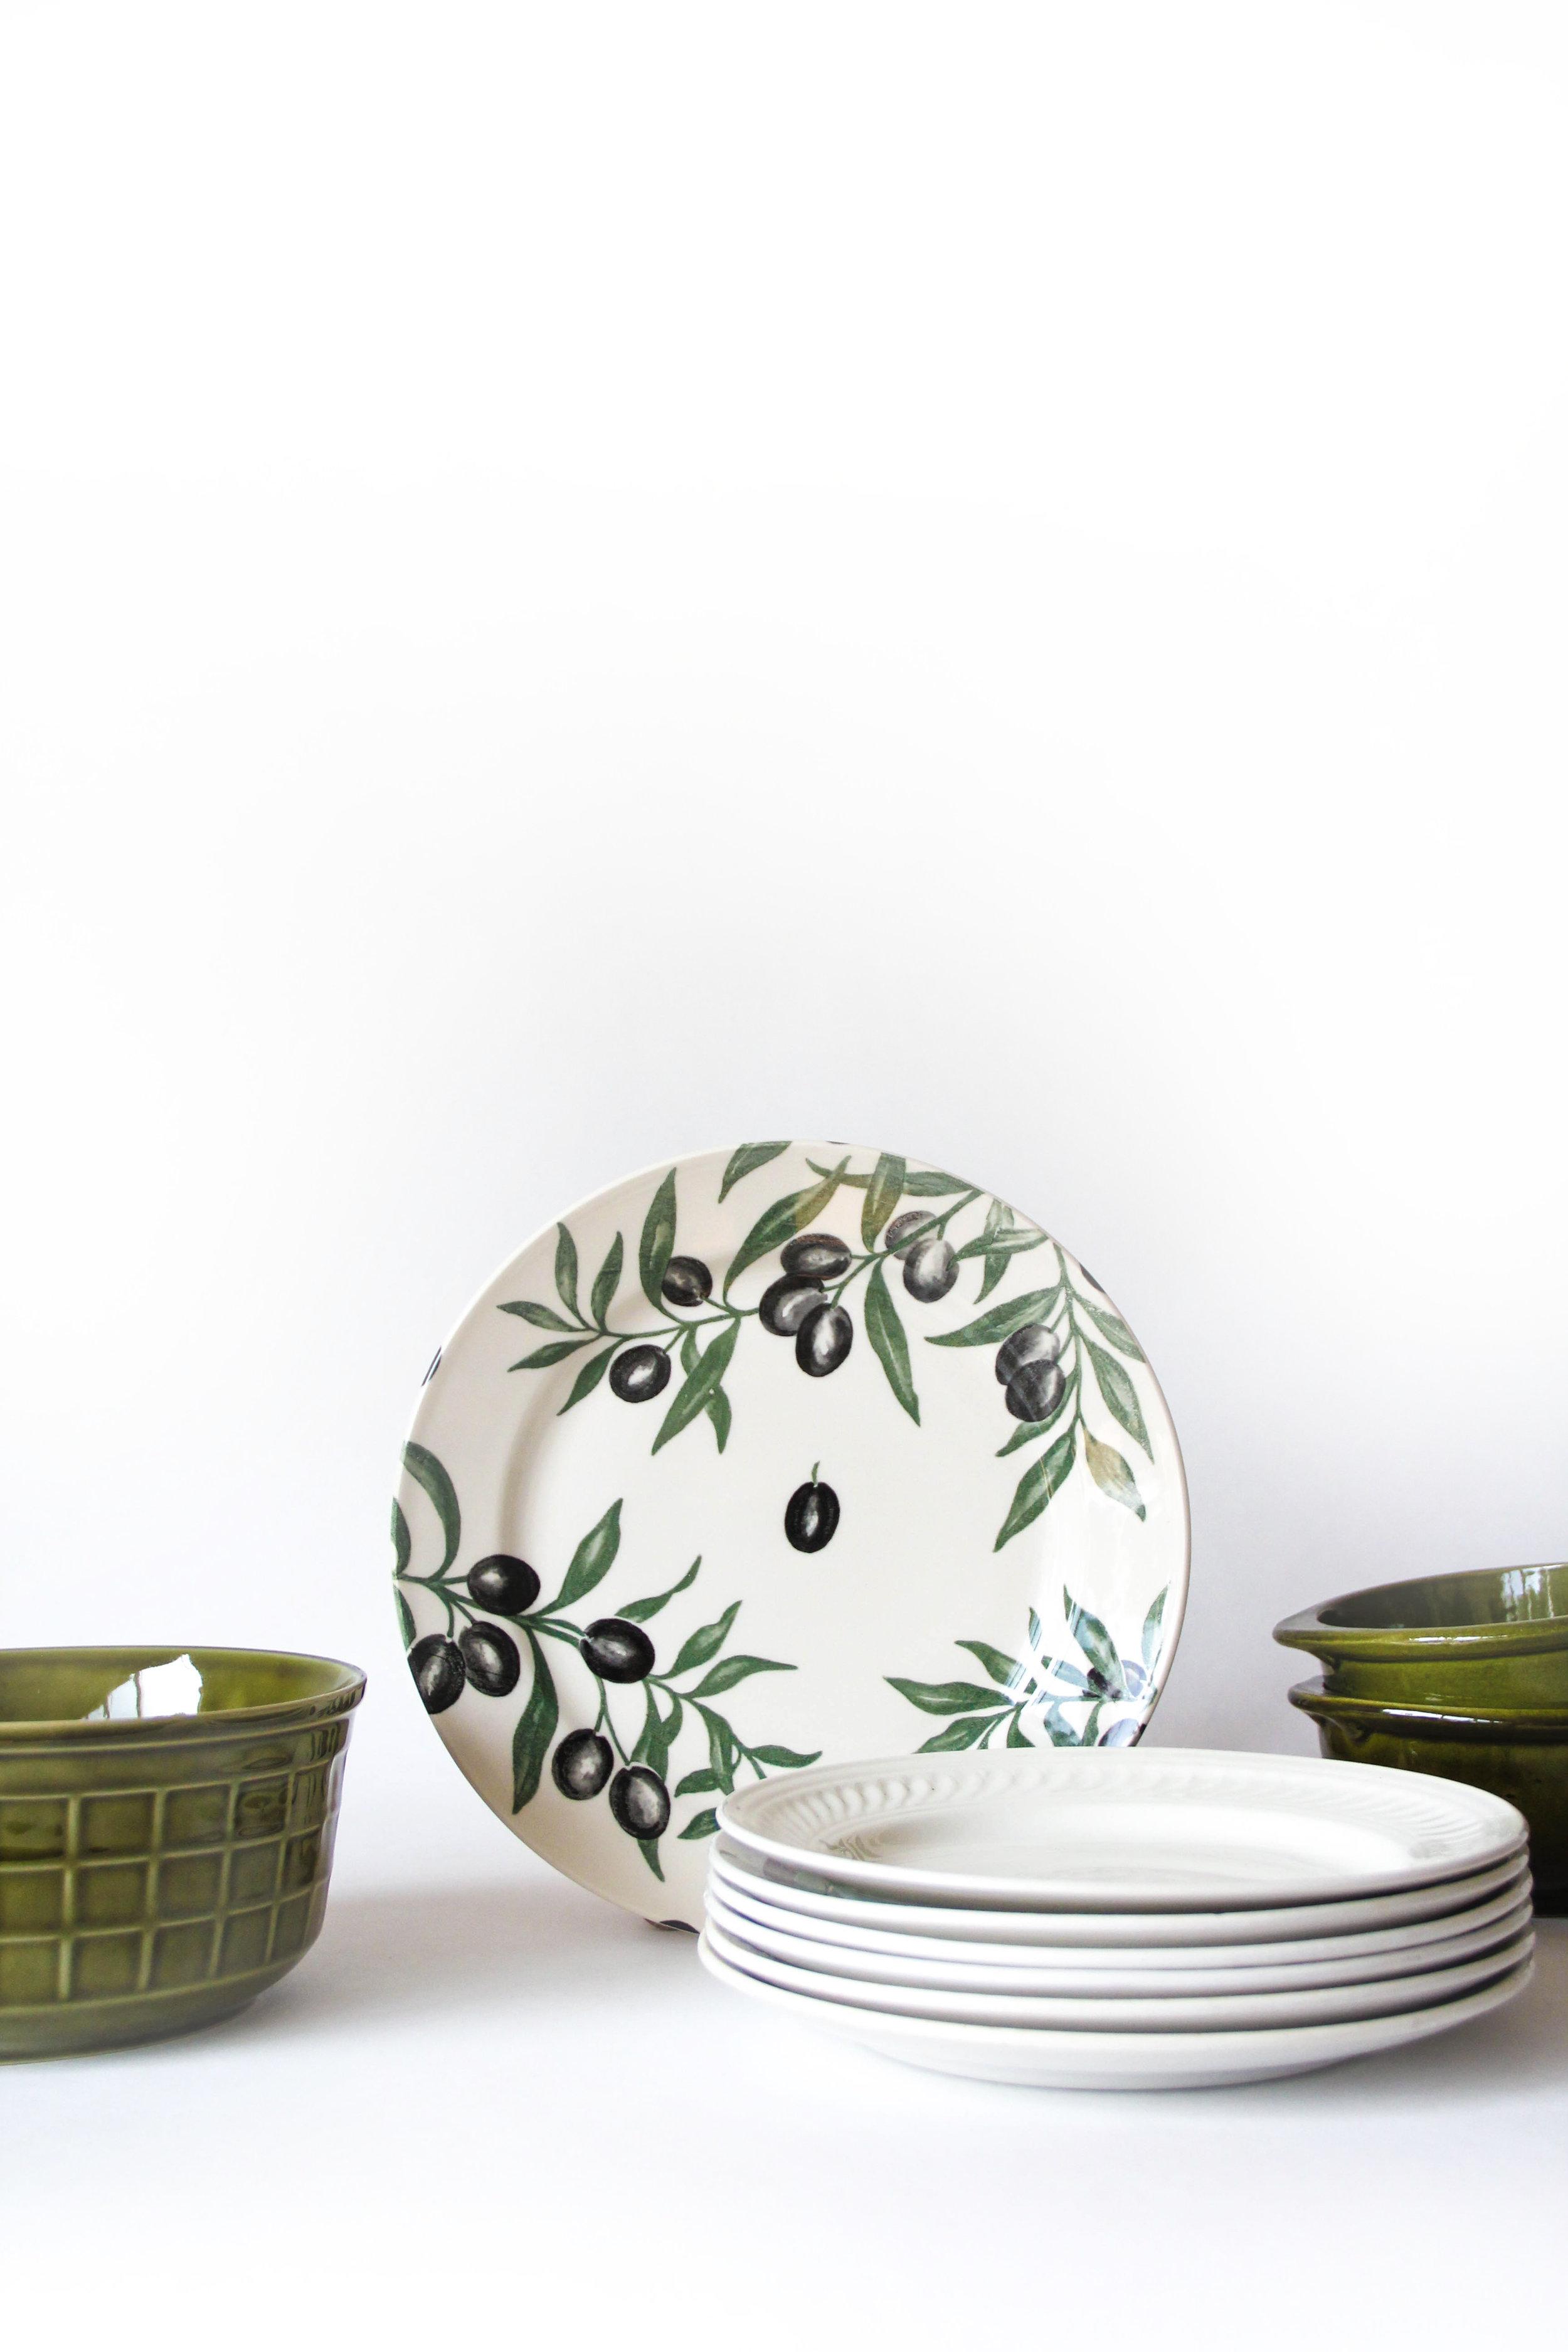 Olive - € 37 - Gereserveerd- Dinner/tapasset 6 personen- Bevat: 6 onderborden (26,5 cm), 6 borden (23 cm), 1 grote kom (20 cm), 2 kleine kommetjes (14 cm)- Vaatwas: all good- Klein stukje van één van de borden